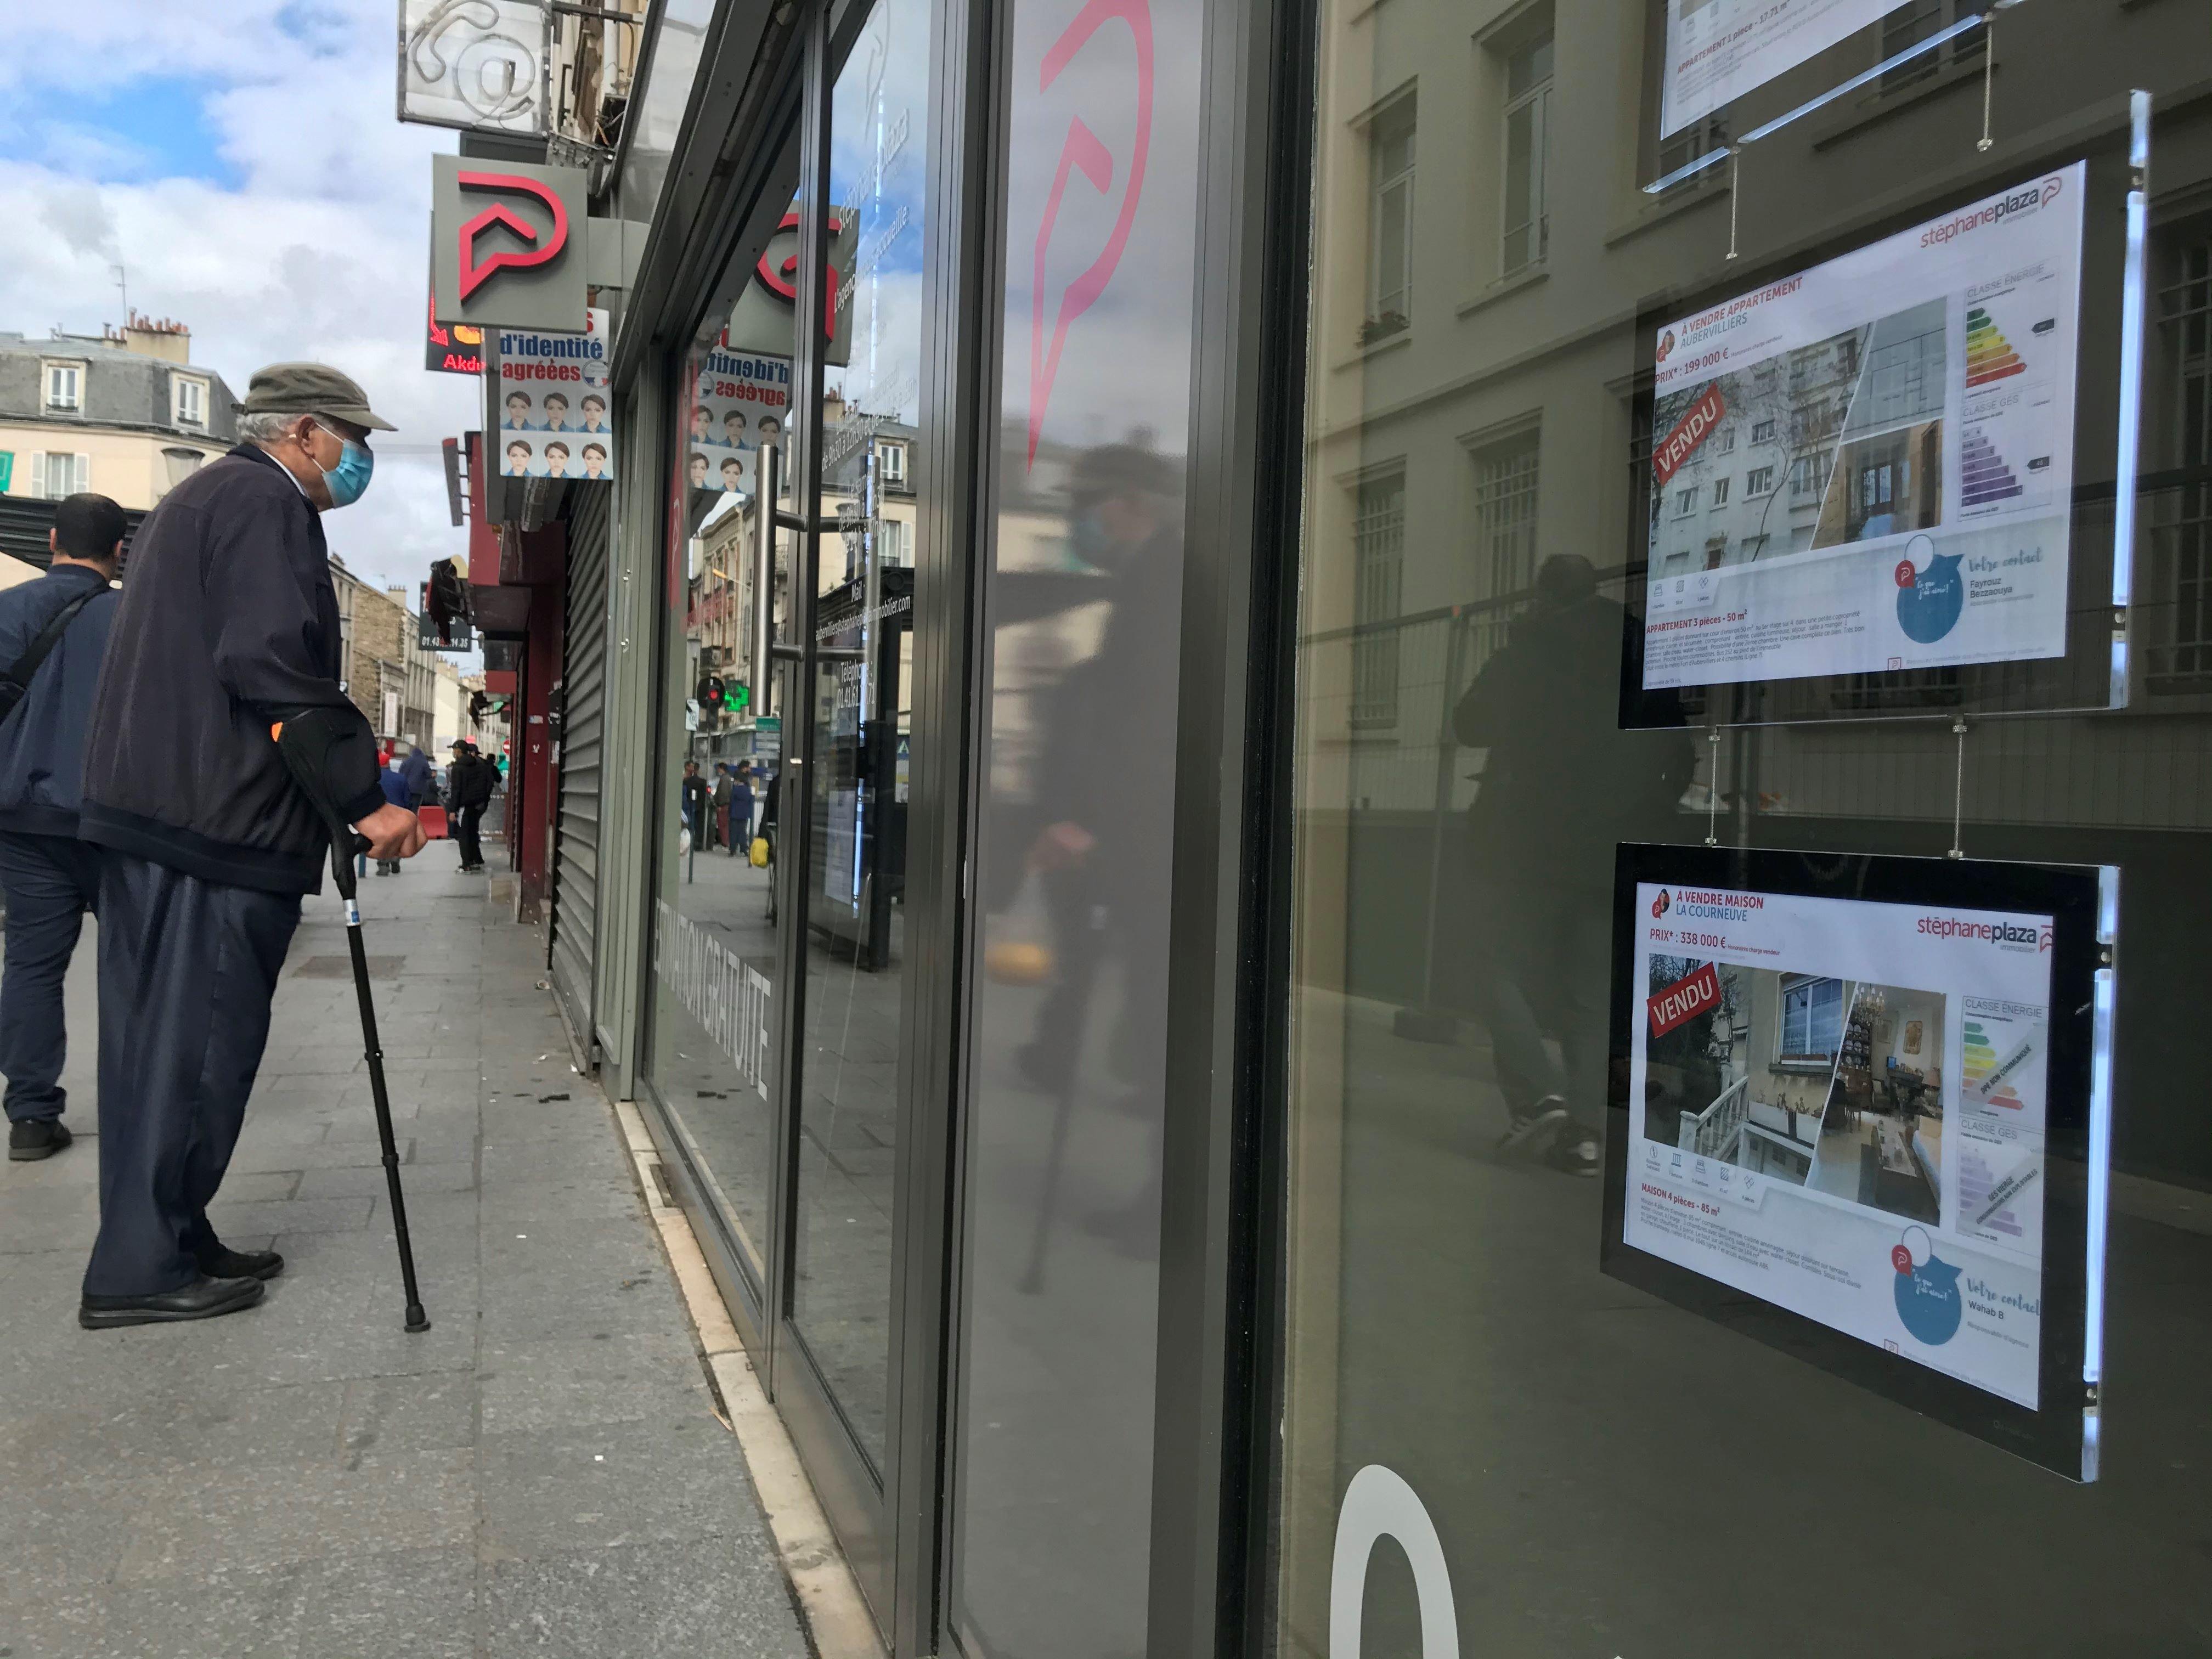 Immobilier : la Seine-Saint-Denis encore et toujours rattrapée par l'envolée des prix